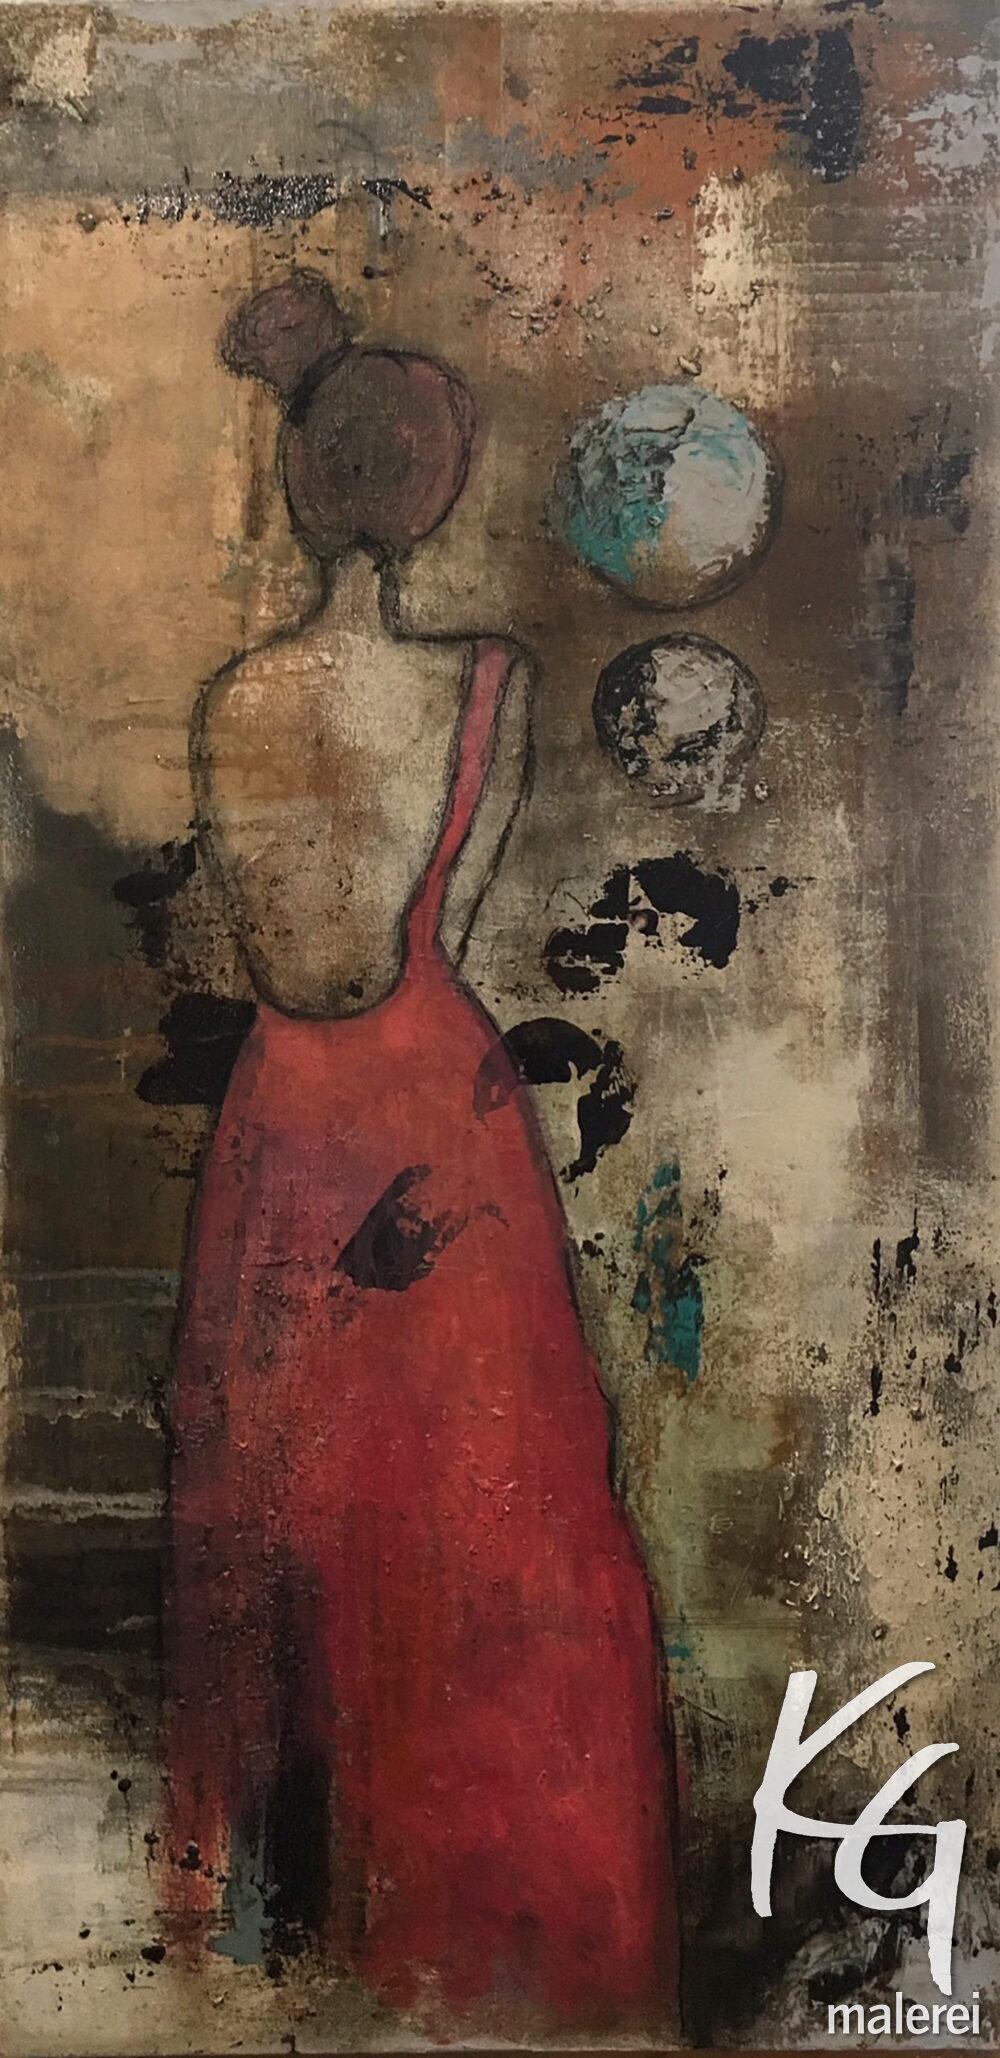 Das Gemälde Rückenfrei zeigt eine Frau in einem roten rückenfreien Kleid von hinten. Sie trägt einen braunen Dutt. Der Hintergrund ist in gedeckten Brauntönen geheimnisvoll gestaltet.